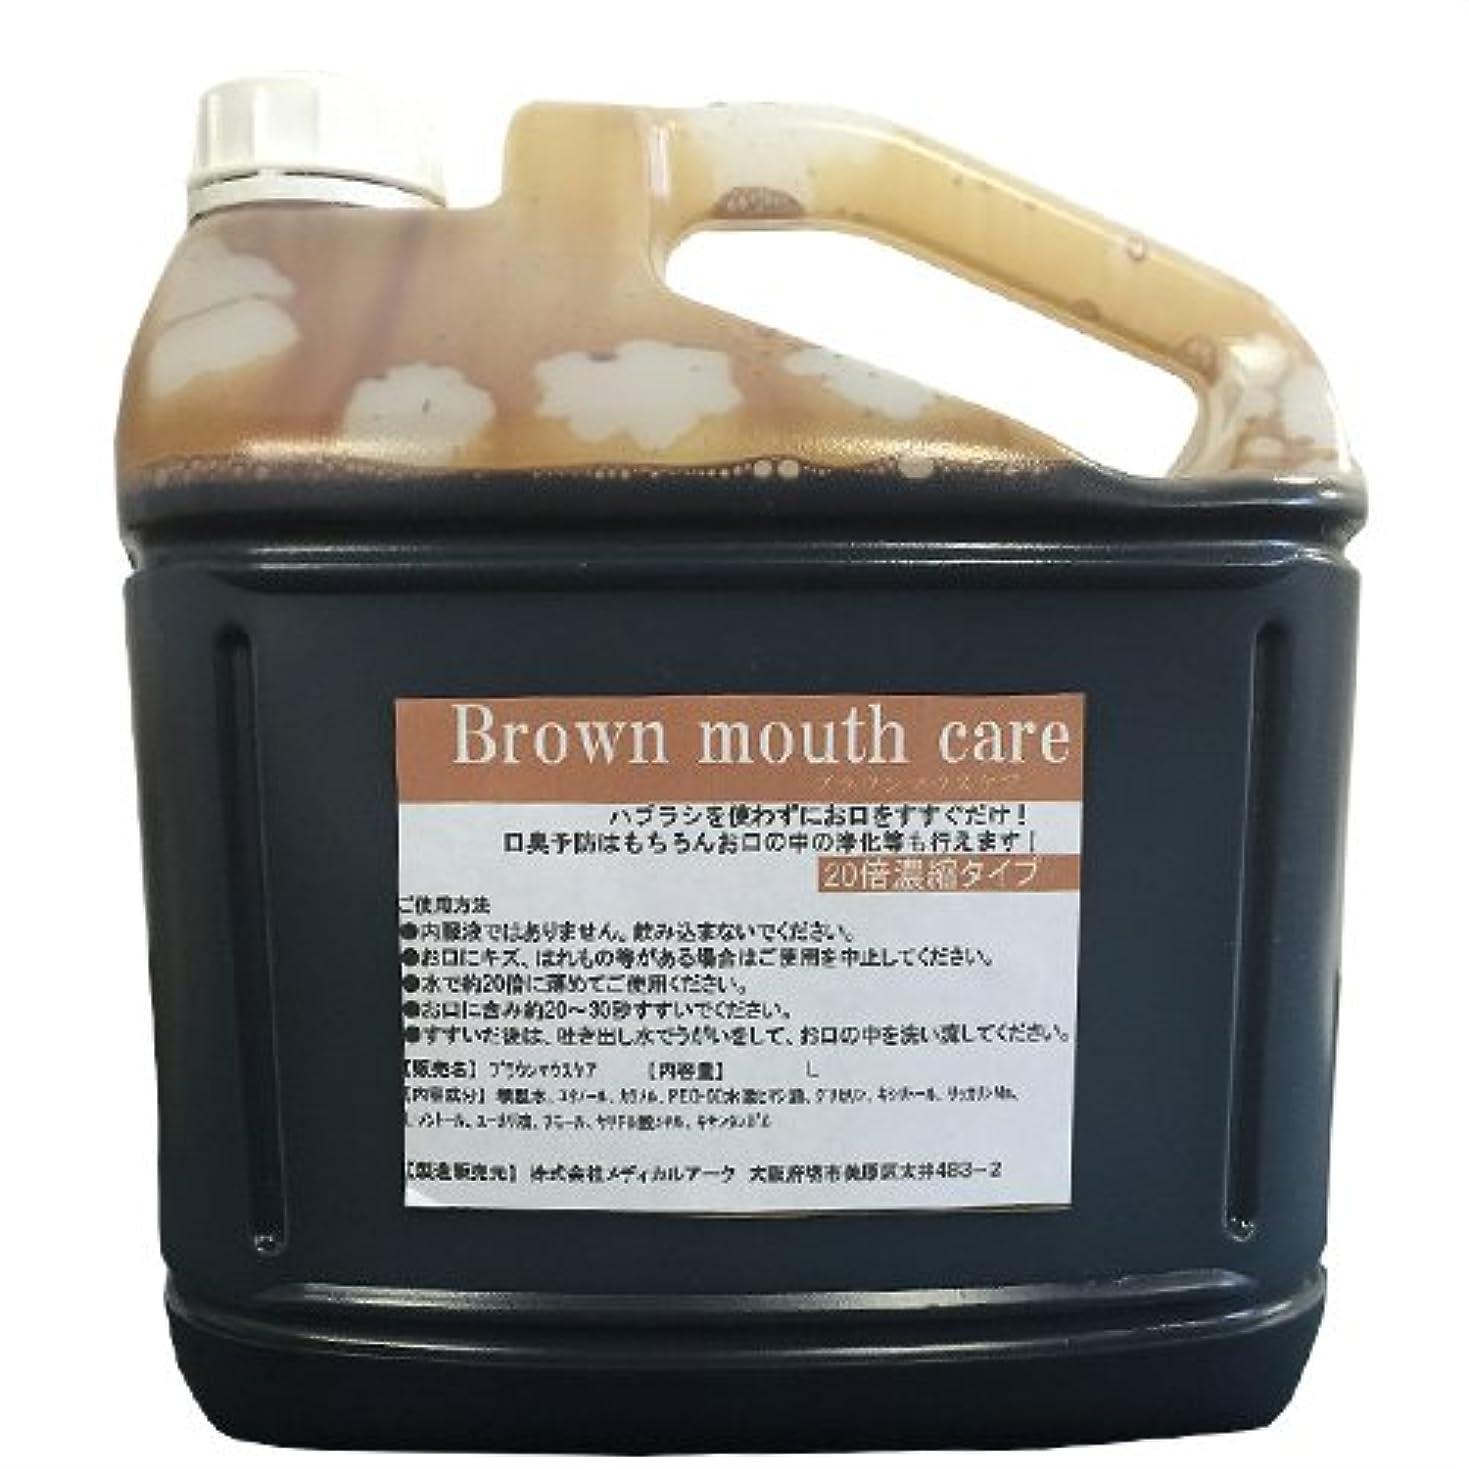 長老刈り取るばかげた業務用洗口液 ガーグル ブラウンマウスケア (Brown mouth care) 20倍濃縮タイプ 5L (詰め替えコック付き)